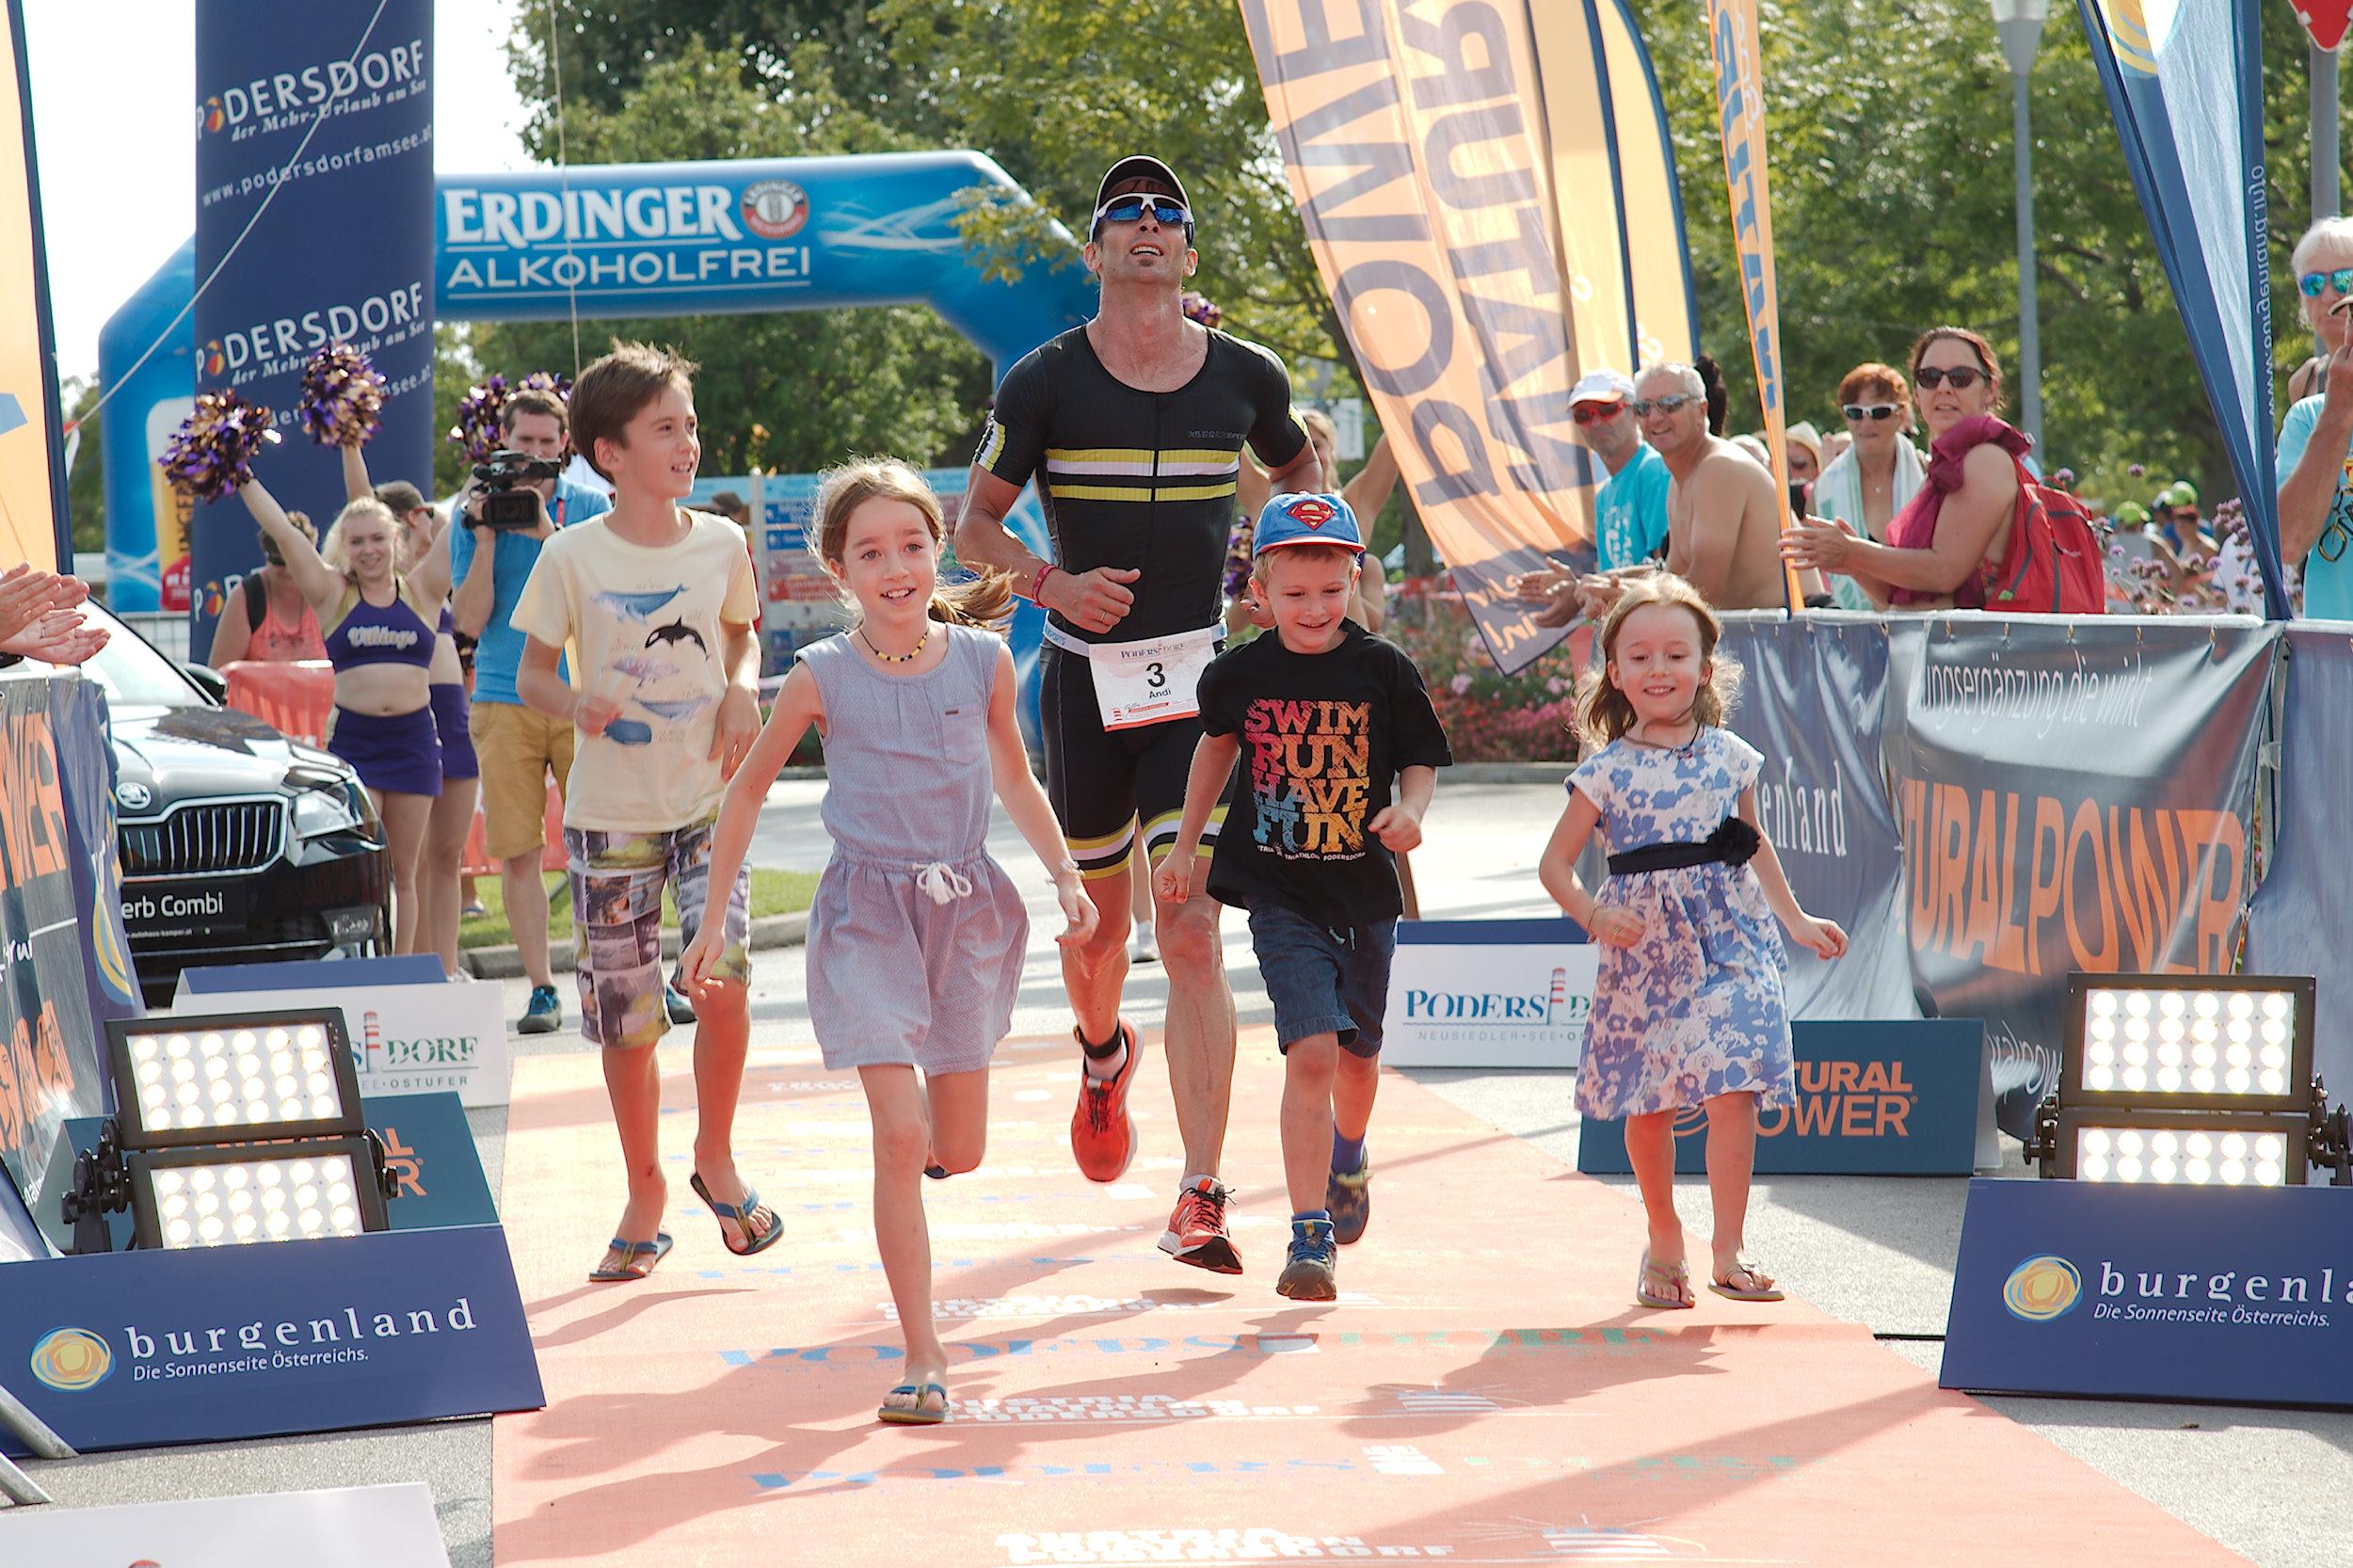 Anmeldeportal für 31. Austria Triathlon Podersdorf geöffnet